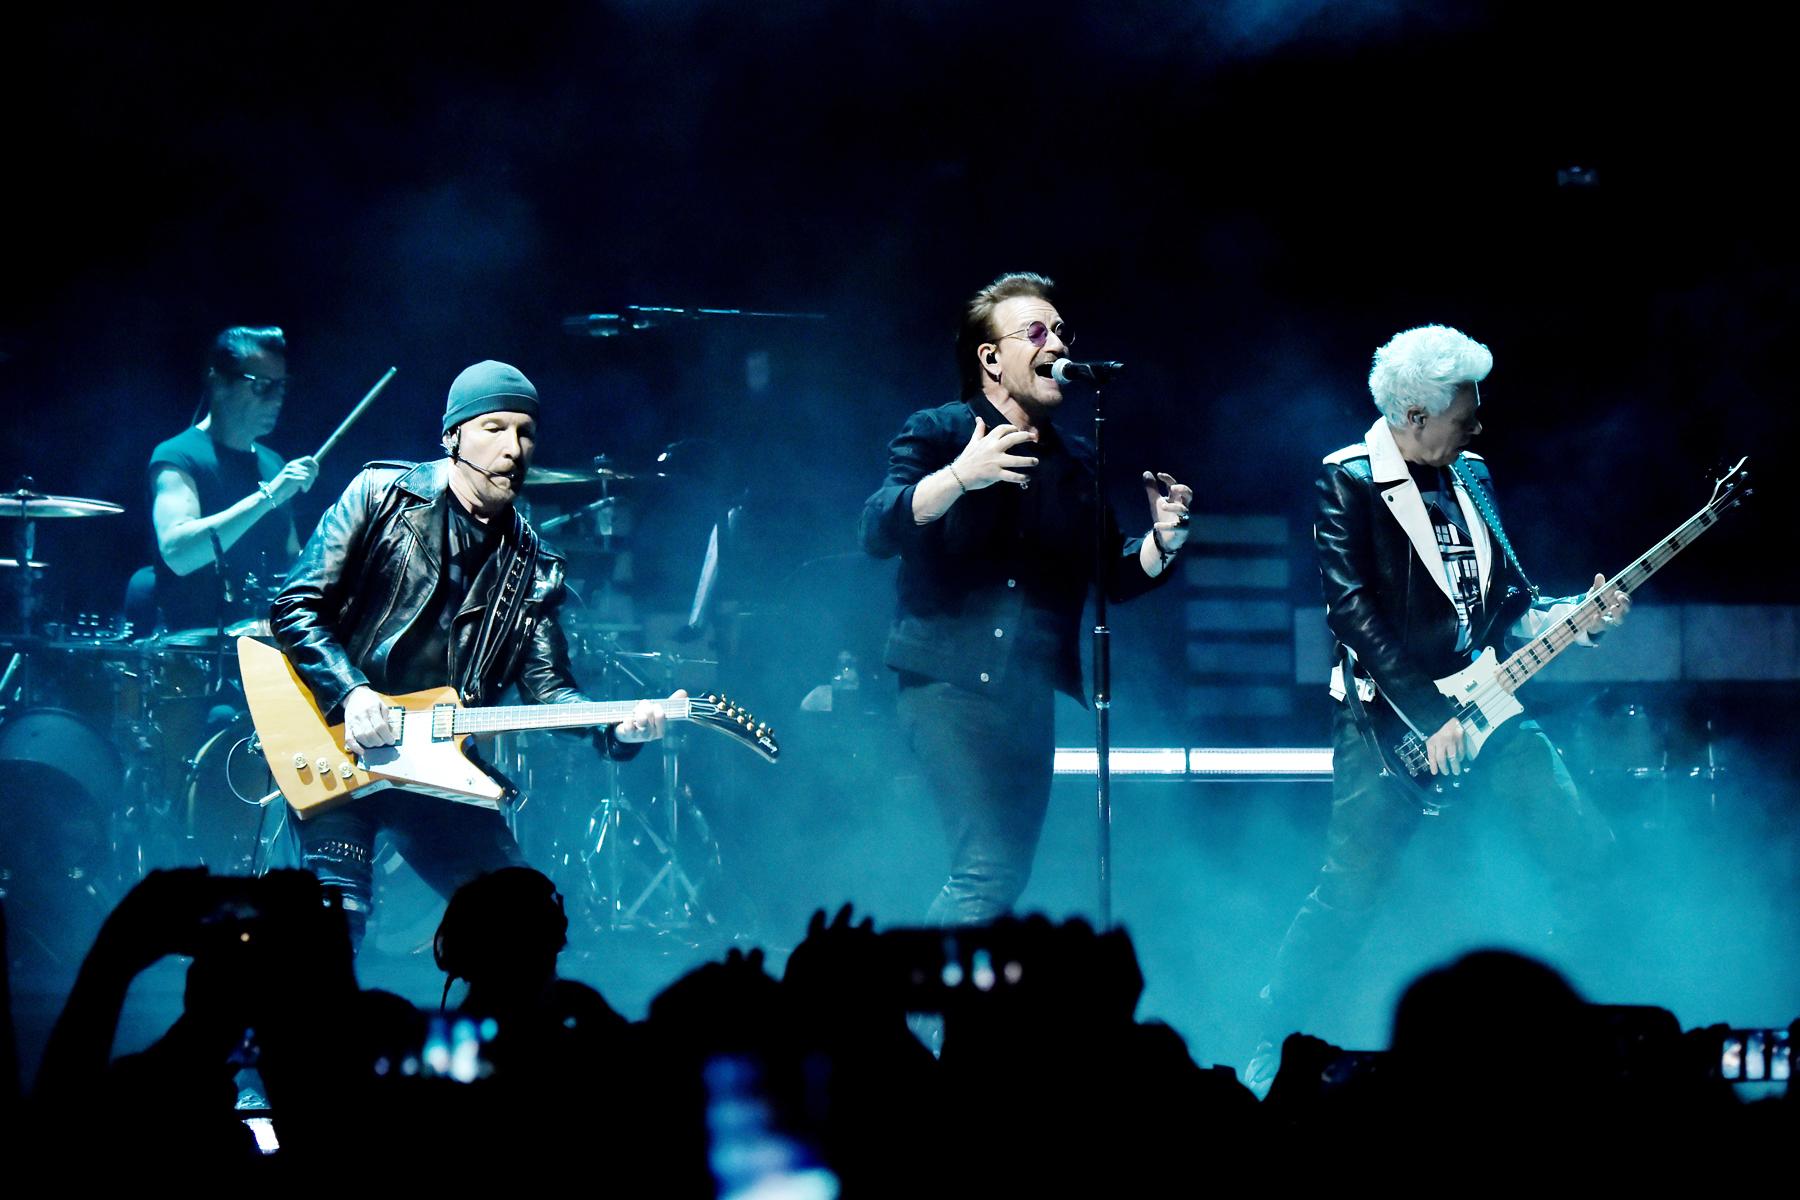 U2 spanish eyes album